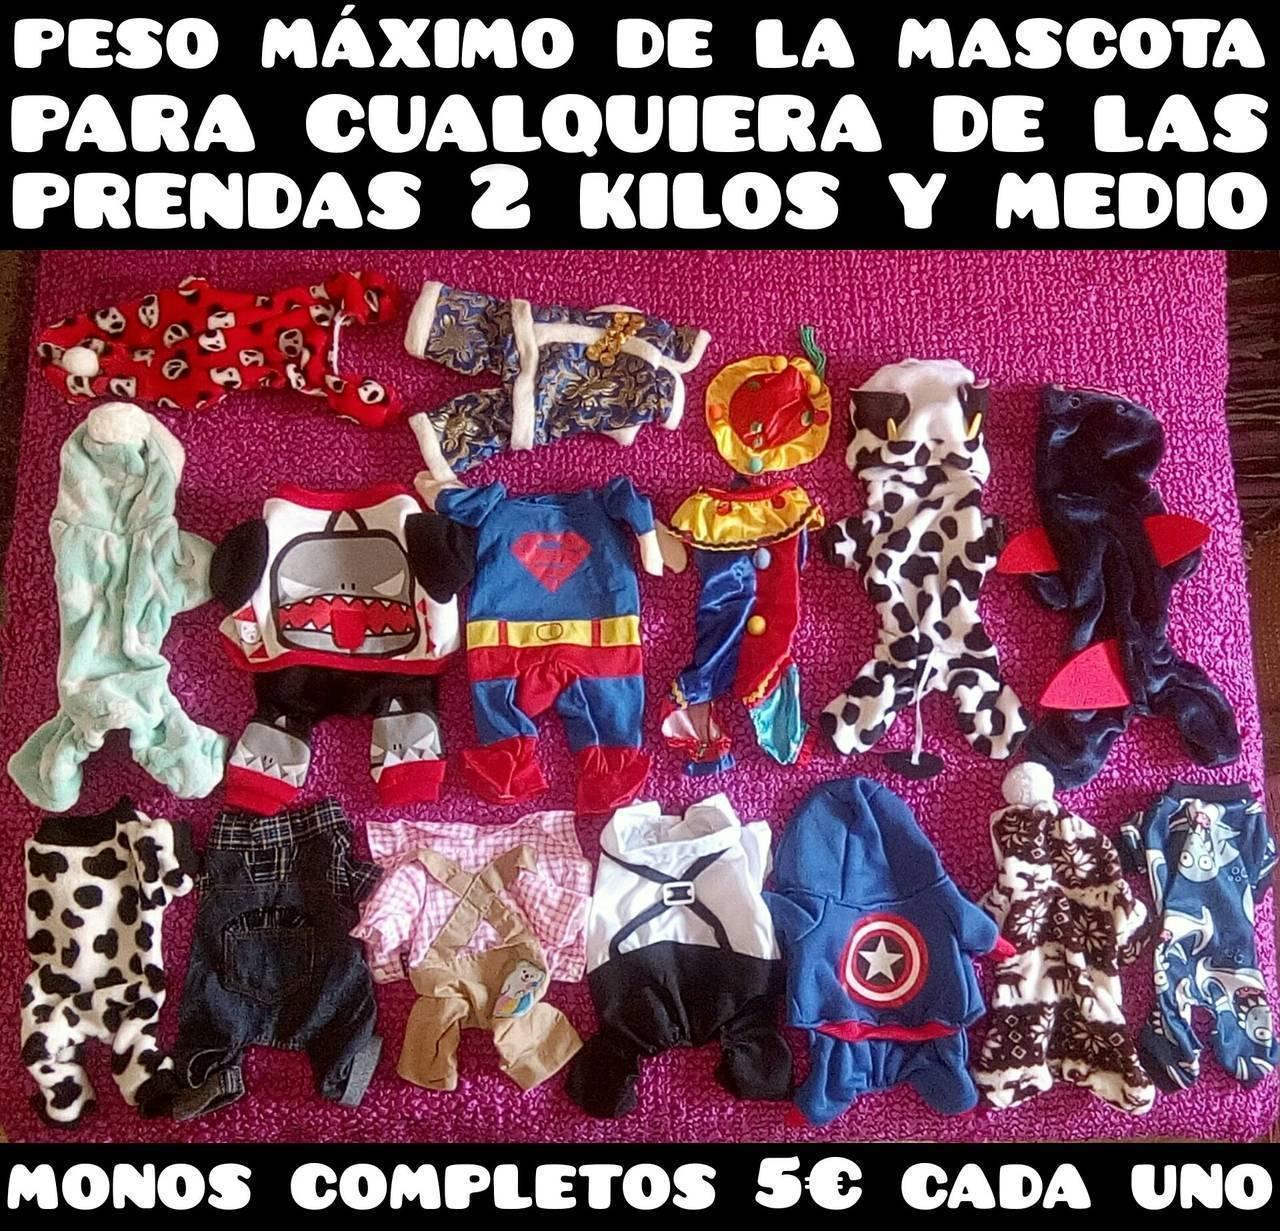 ropa y disfraces para mascota desde 2 a 15 euros  - Foto 6